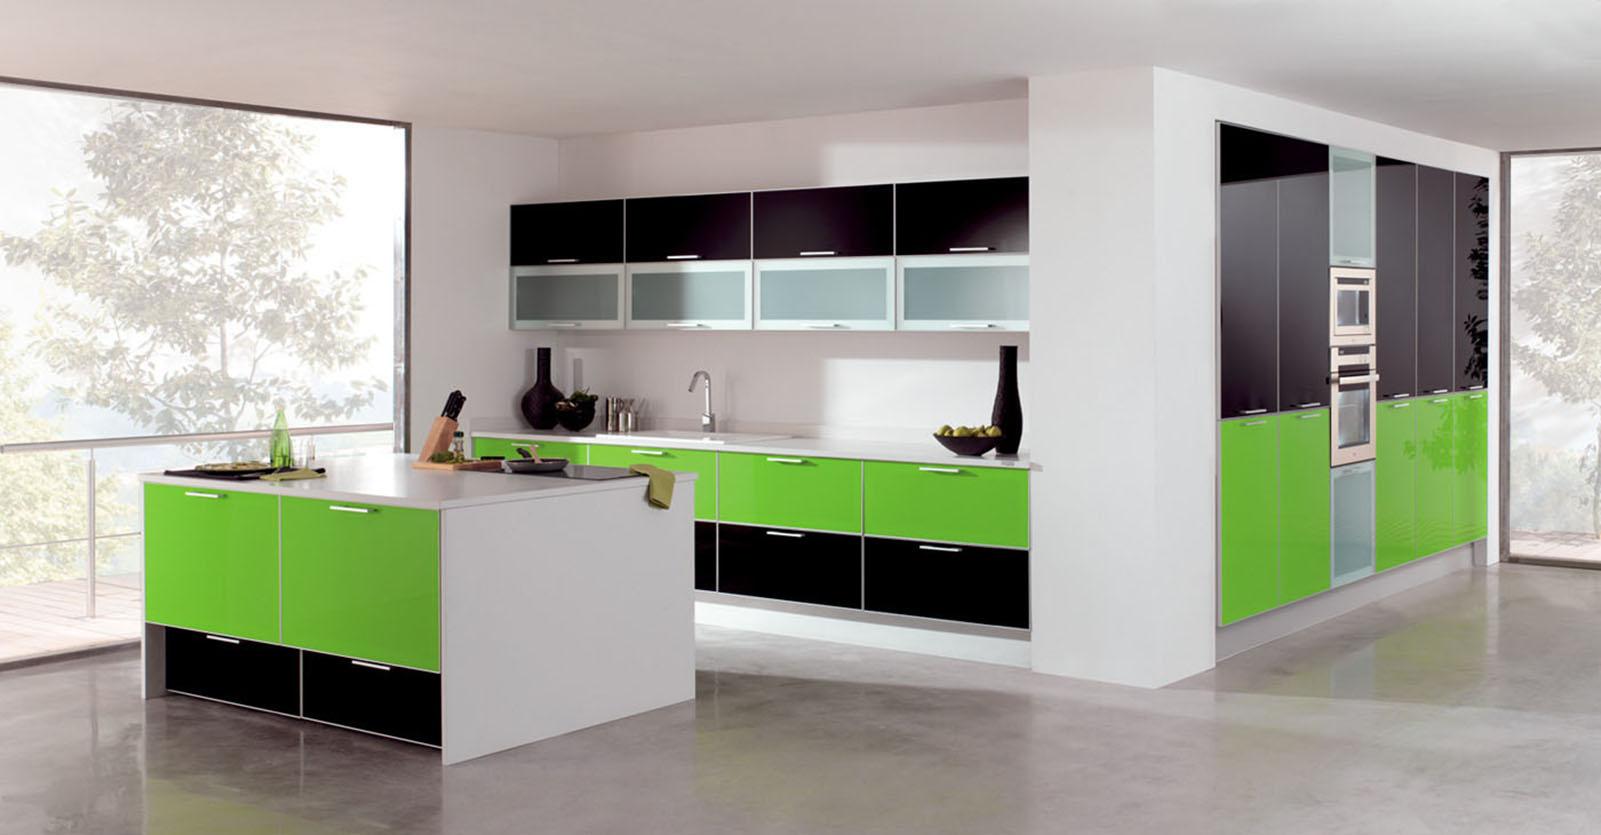 Cocina domo for Componentes de una cocina integral